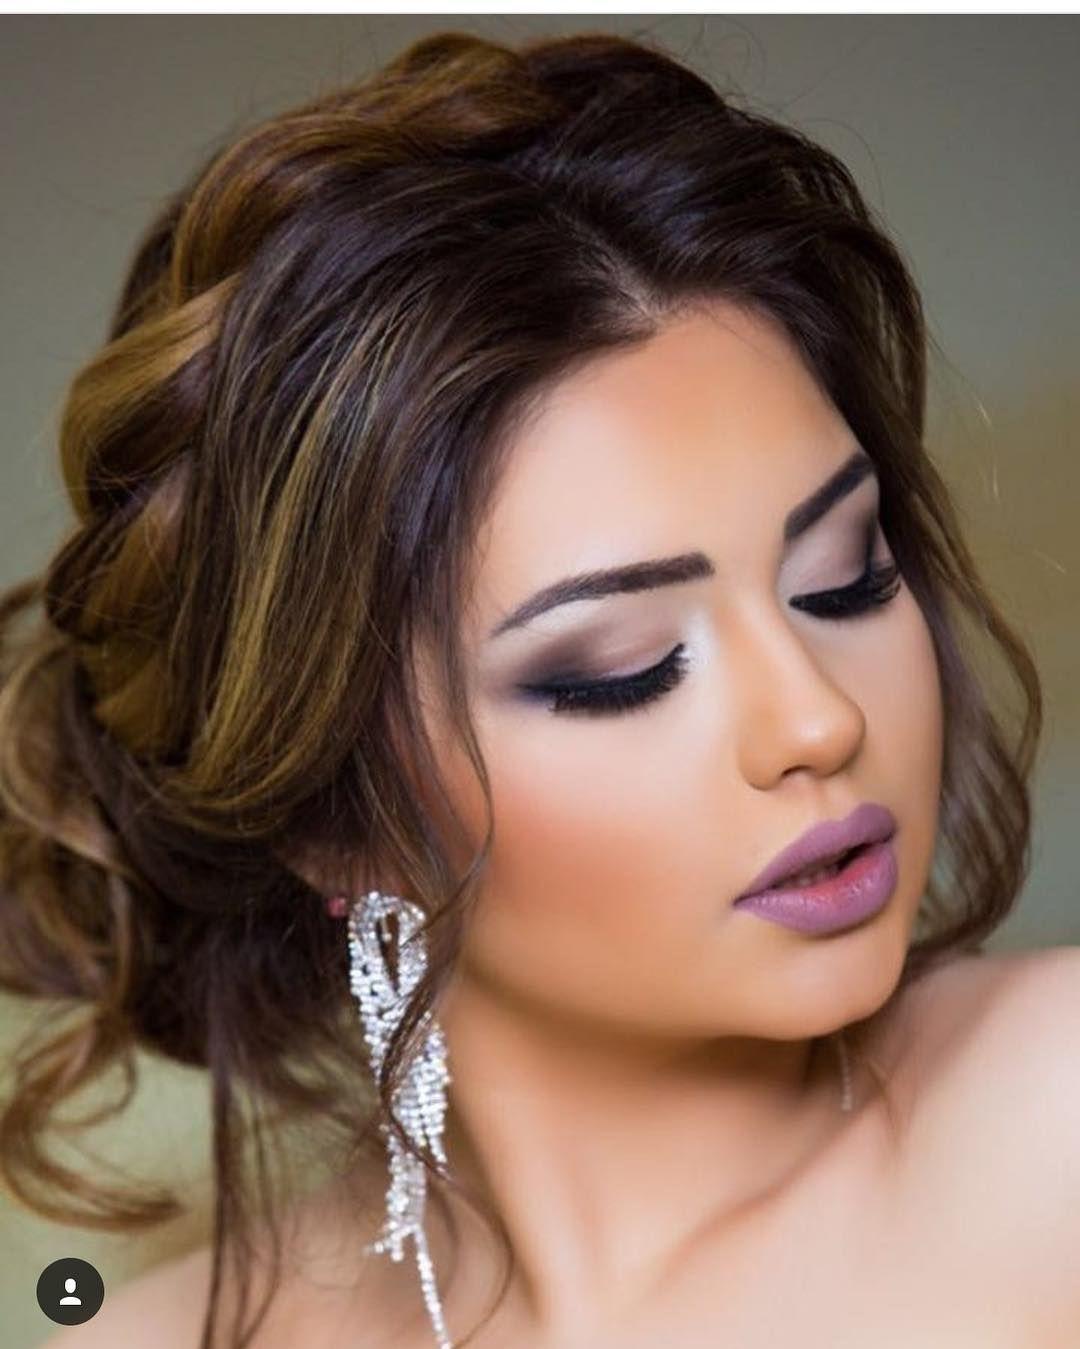 1 030 Begenme 7 Yorum Instagram 39 Da Estellita Fashion Centre Estellita Quot Hairstyle By Rumiya And Makeup By Taxm Fashion Center Hairstyle Makeup